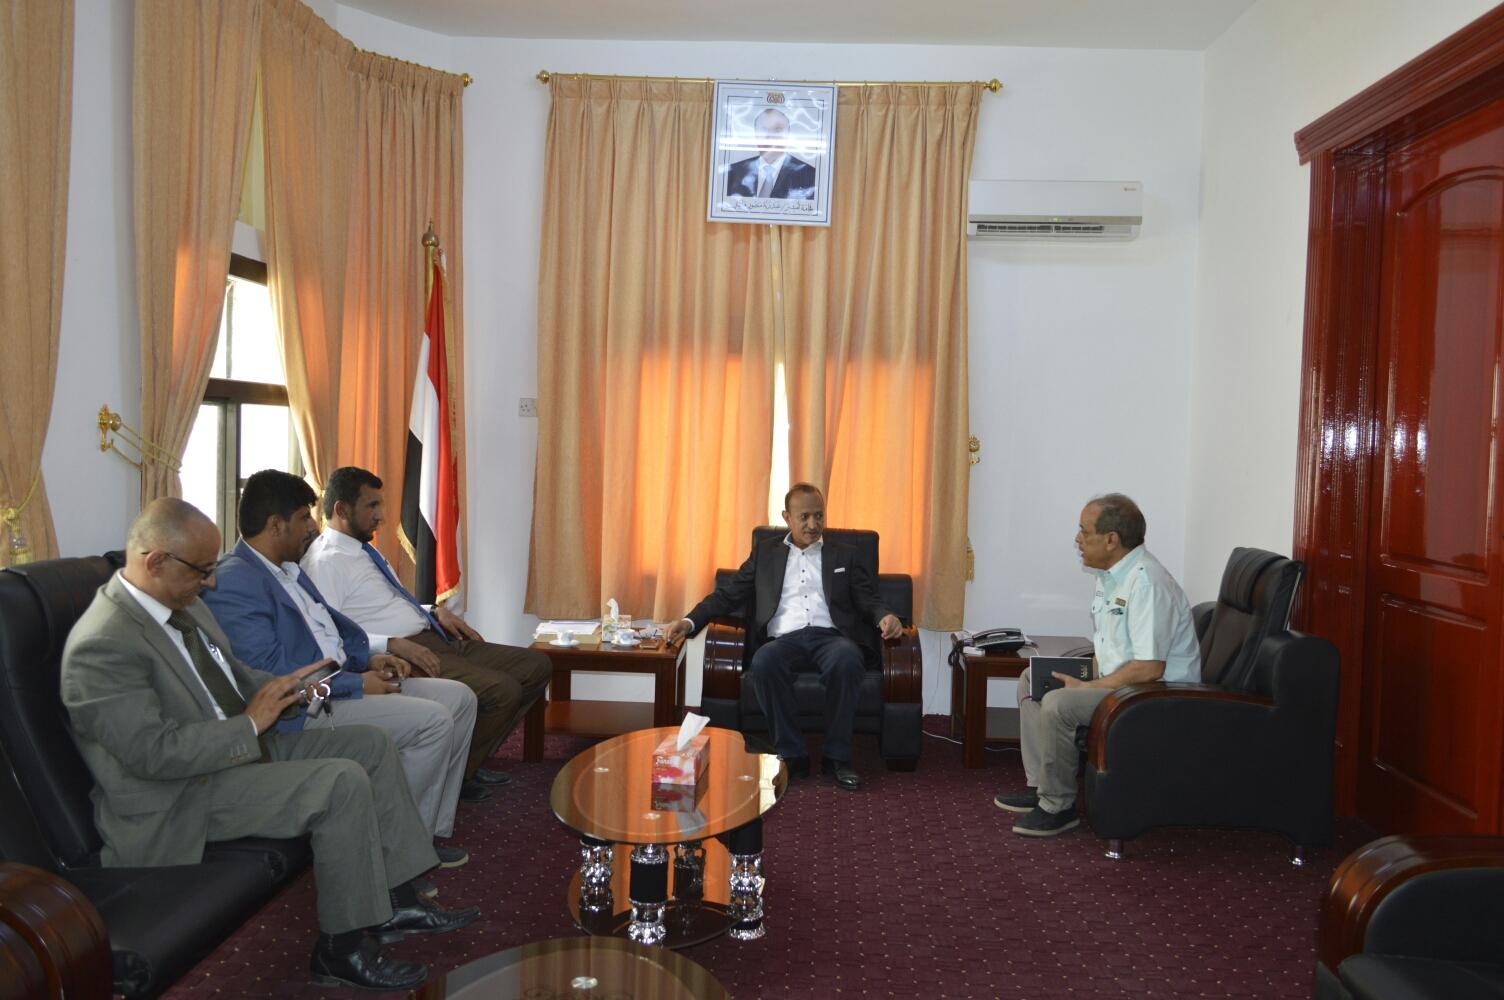 محافظ تعز يلتقي لجنة وزارية لمناقشة الأوضاع الصحية في المحافظة